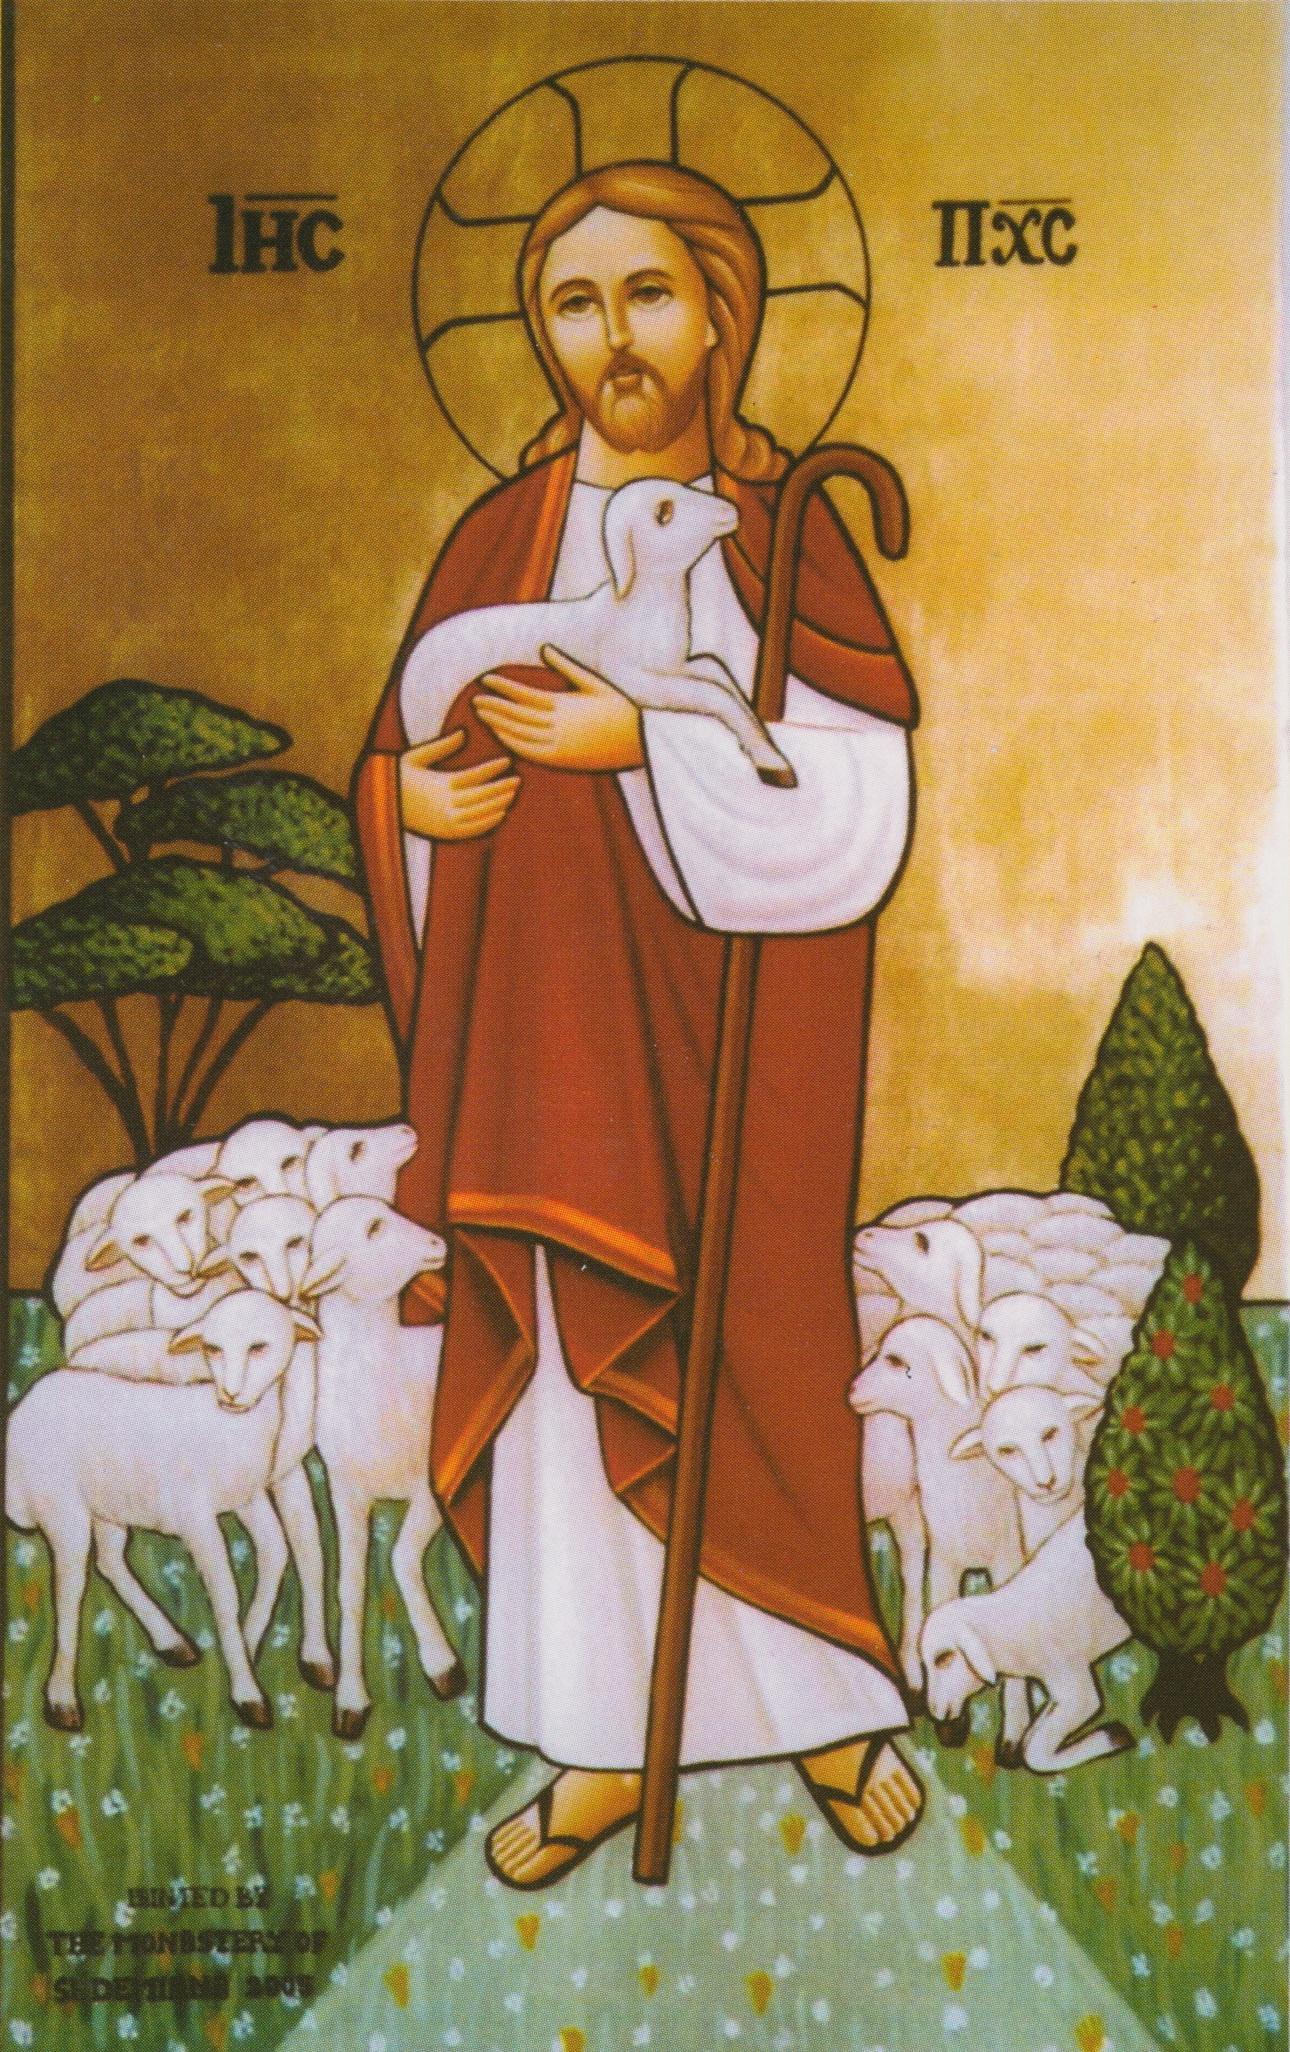 Il Buon Pastore dans immagini sacre